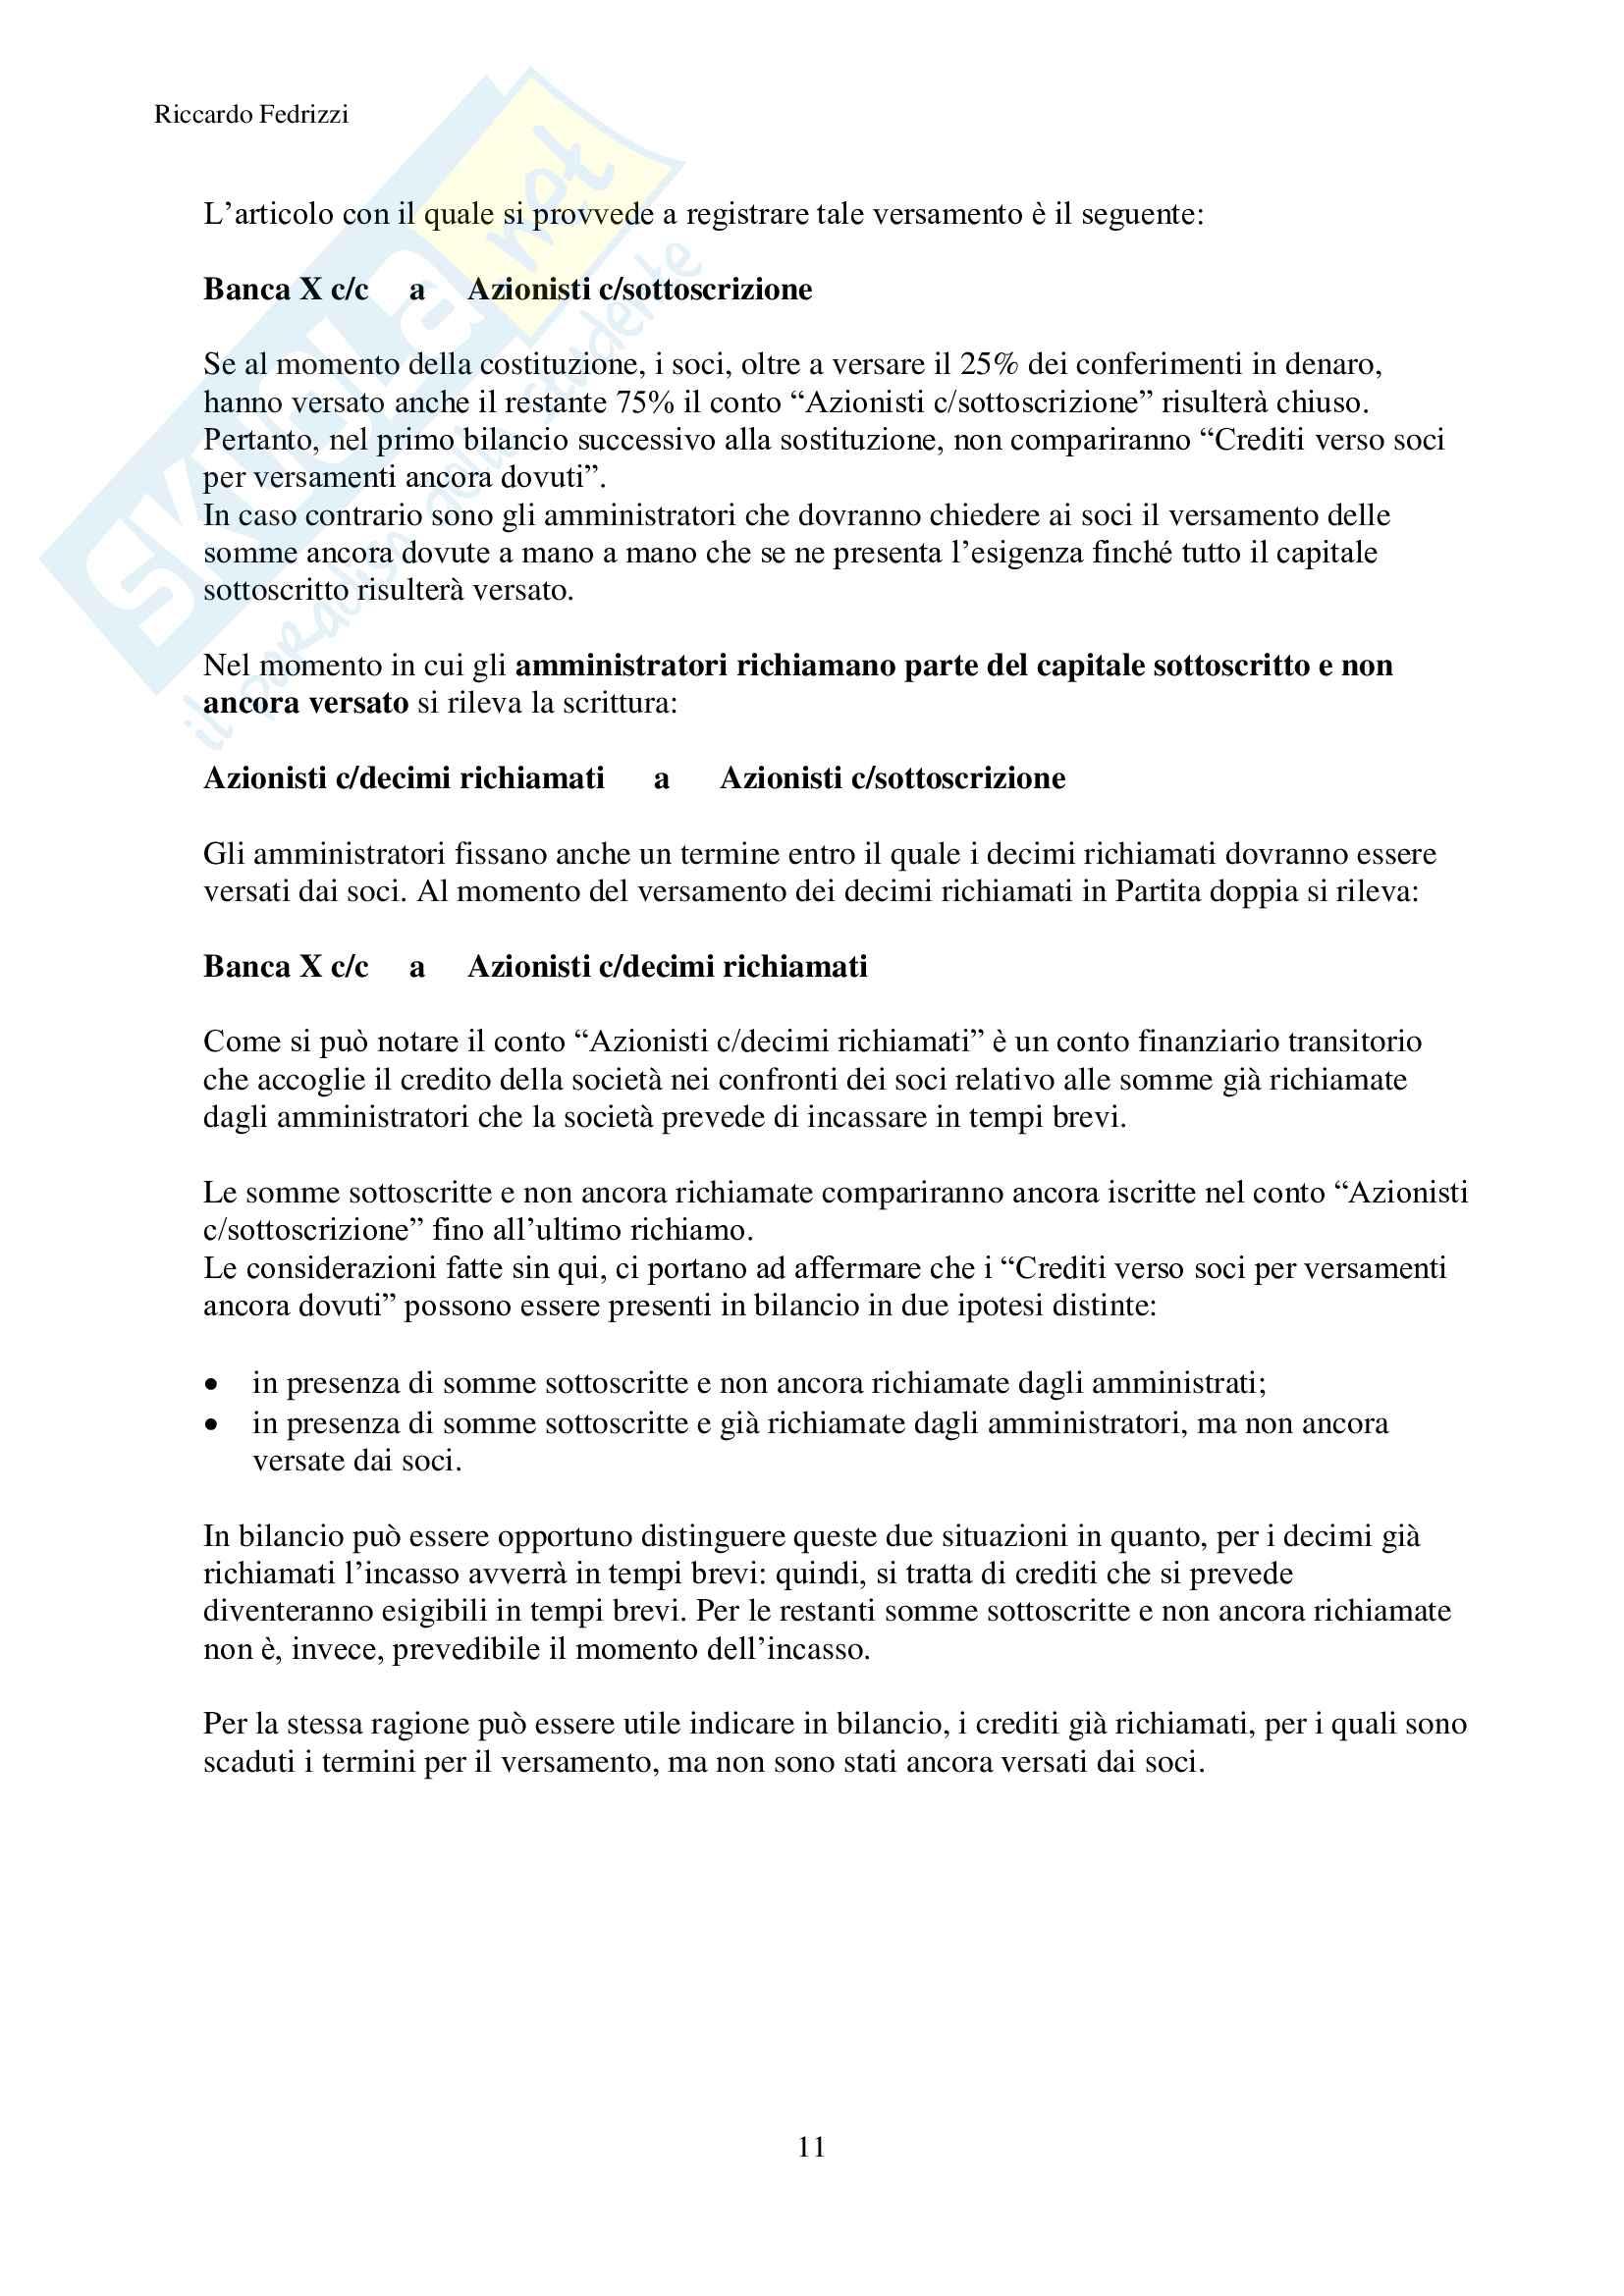 Economia e misurazione aziendale Pag. 11